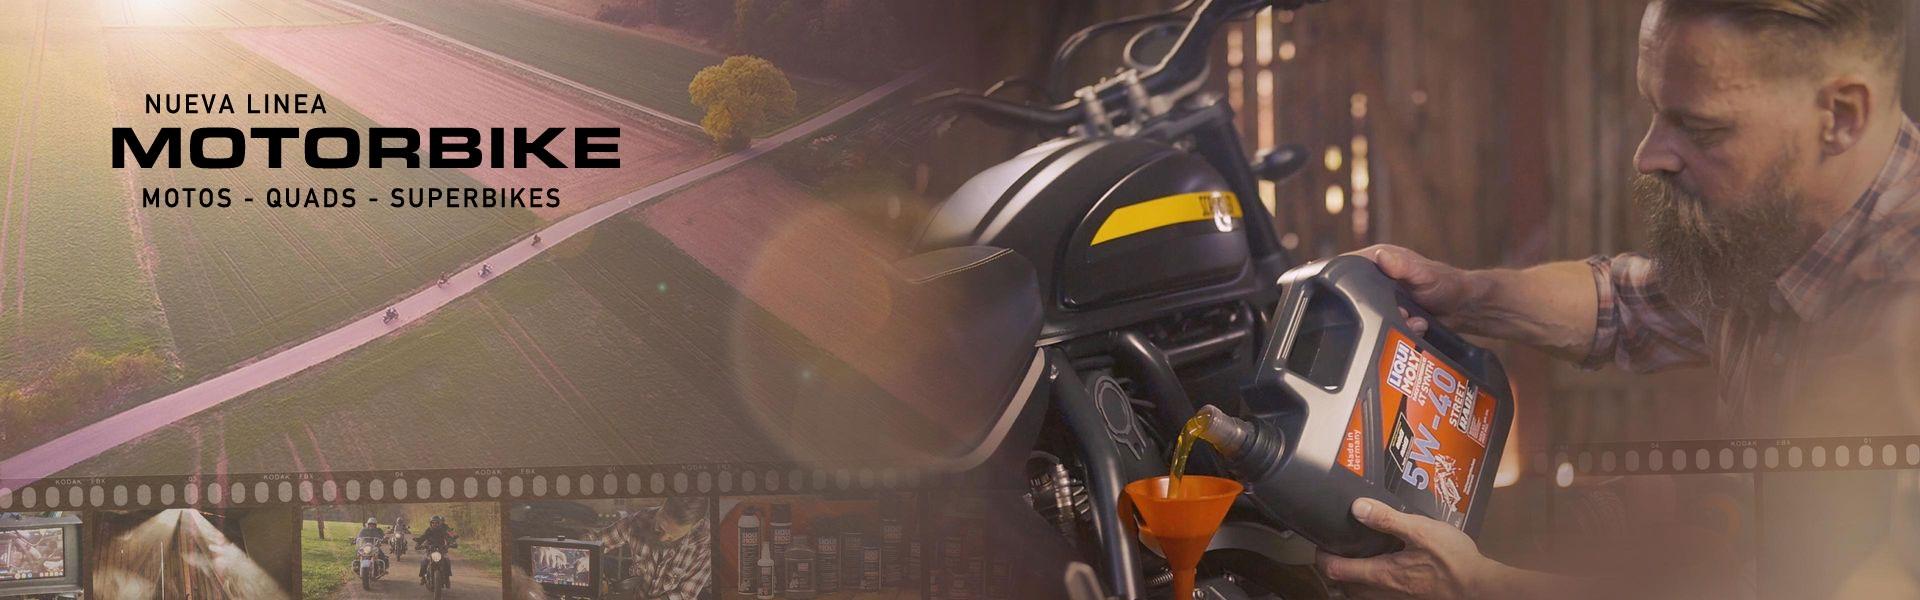 Nueva línea para motos MOTORBIKE